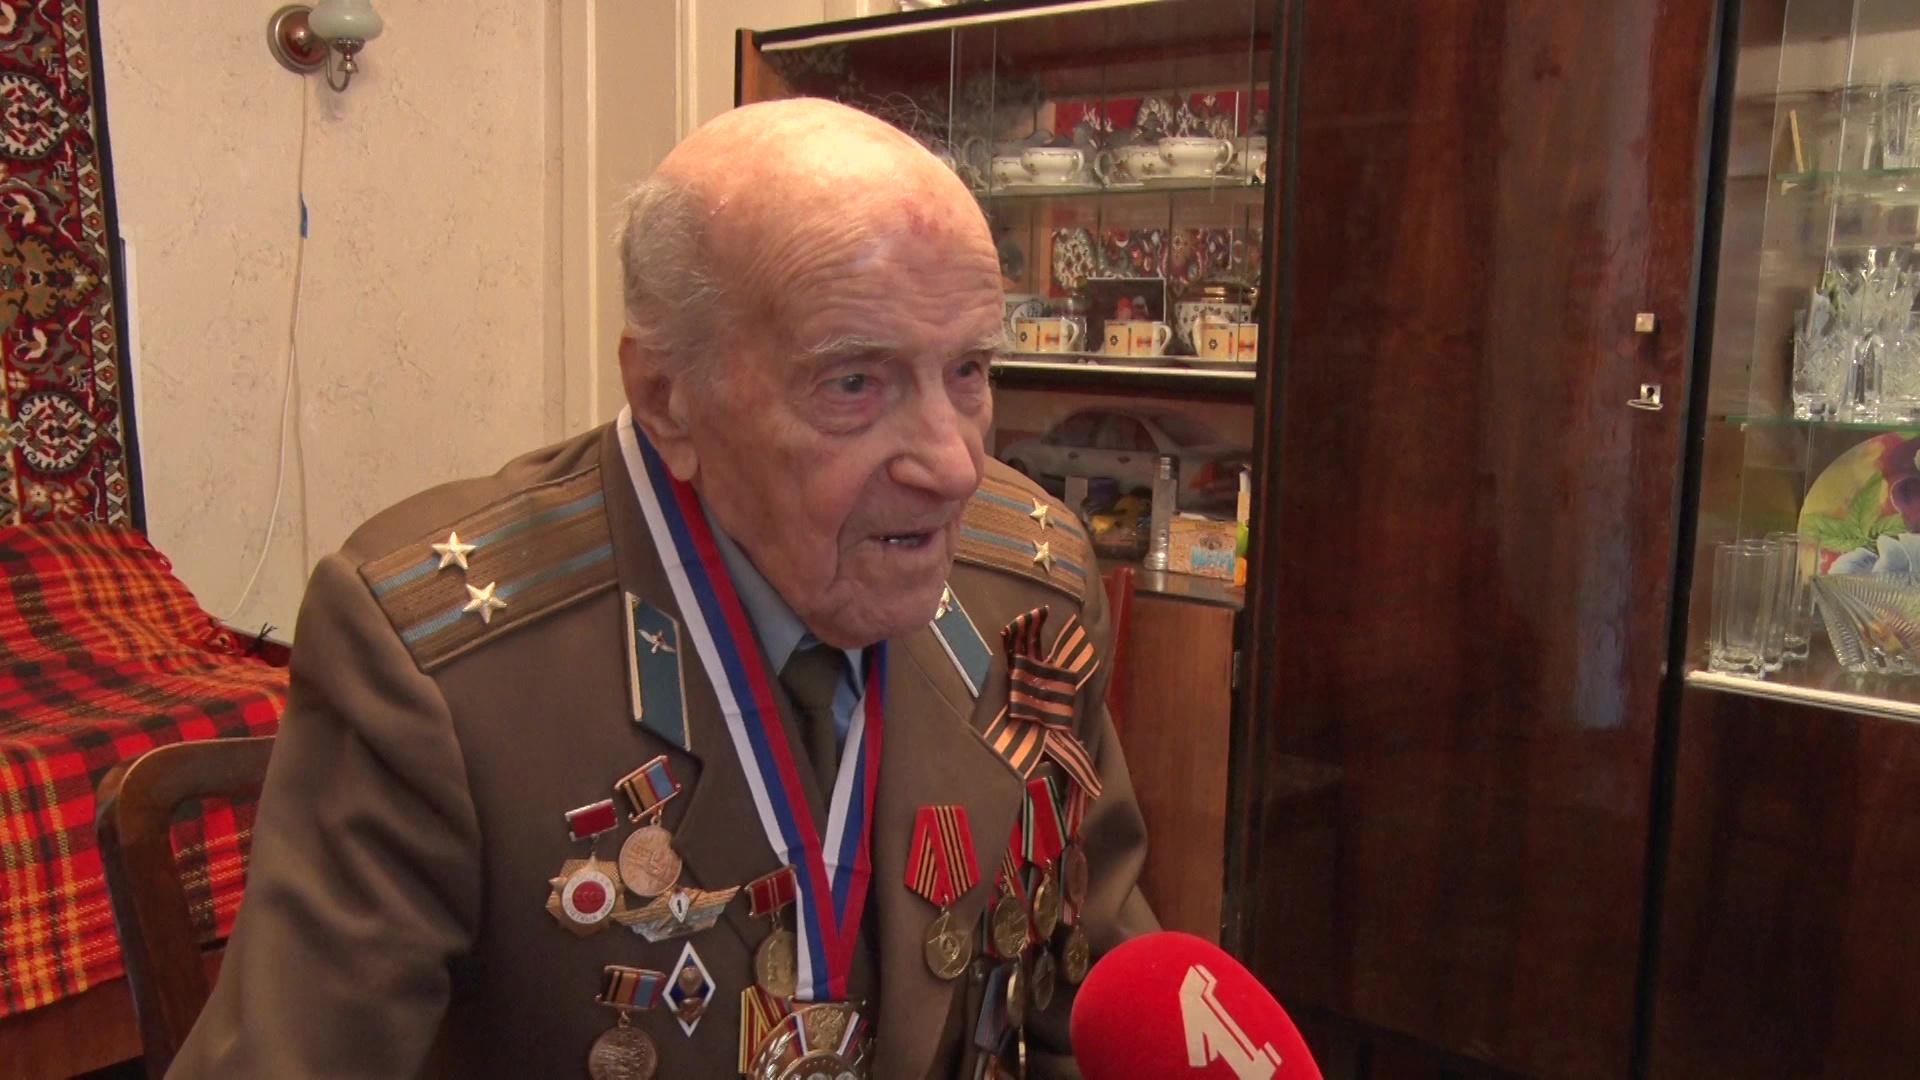 Труженик тыла, инженер-полковник в отставке Геннадий Котов отметил вековой юбилей